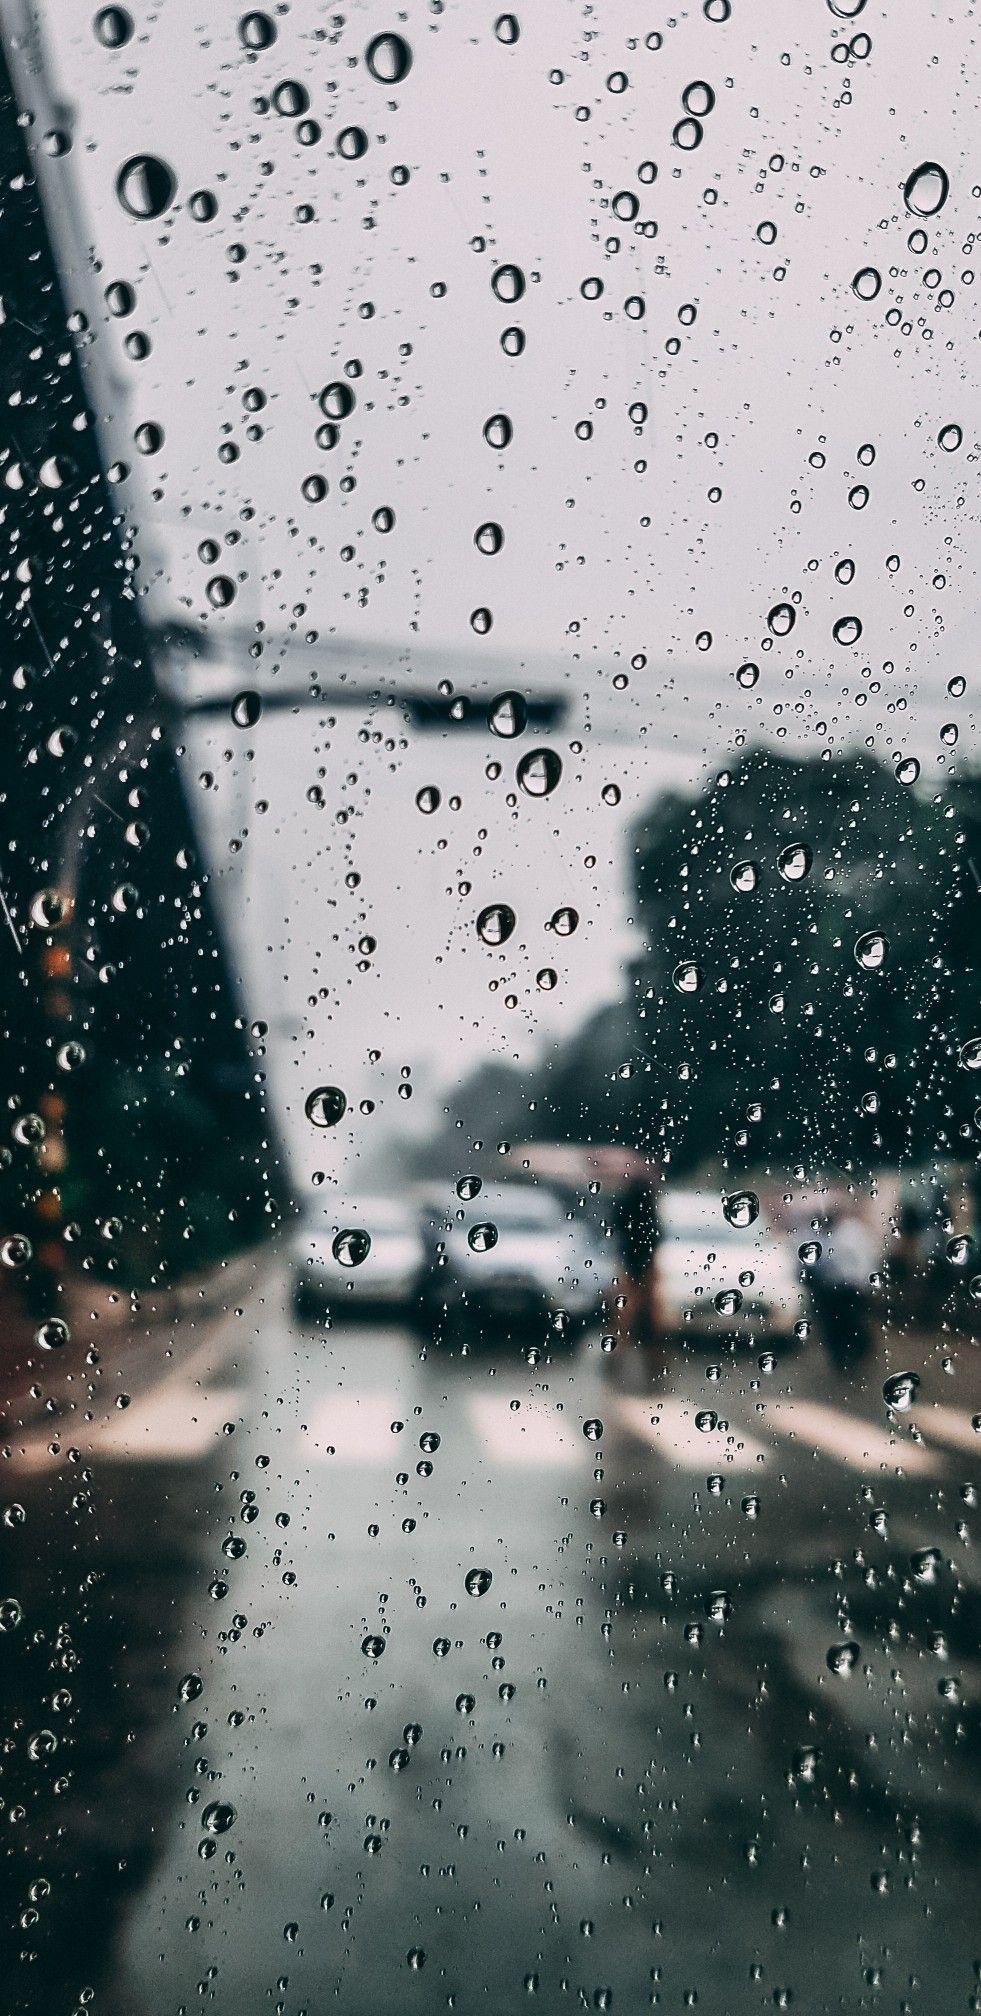 Pin Oleh Carolina Herrmann Di Rain Wallpaper Fotografi Wallpaper Yang Indah Latar Belakang Wallpaper